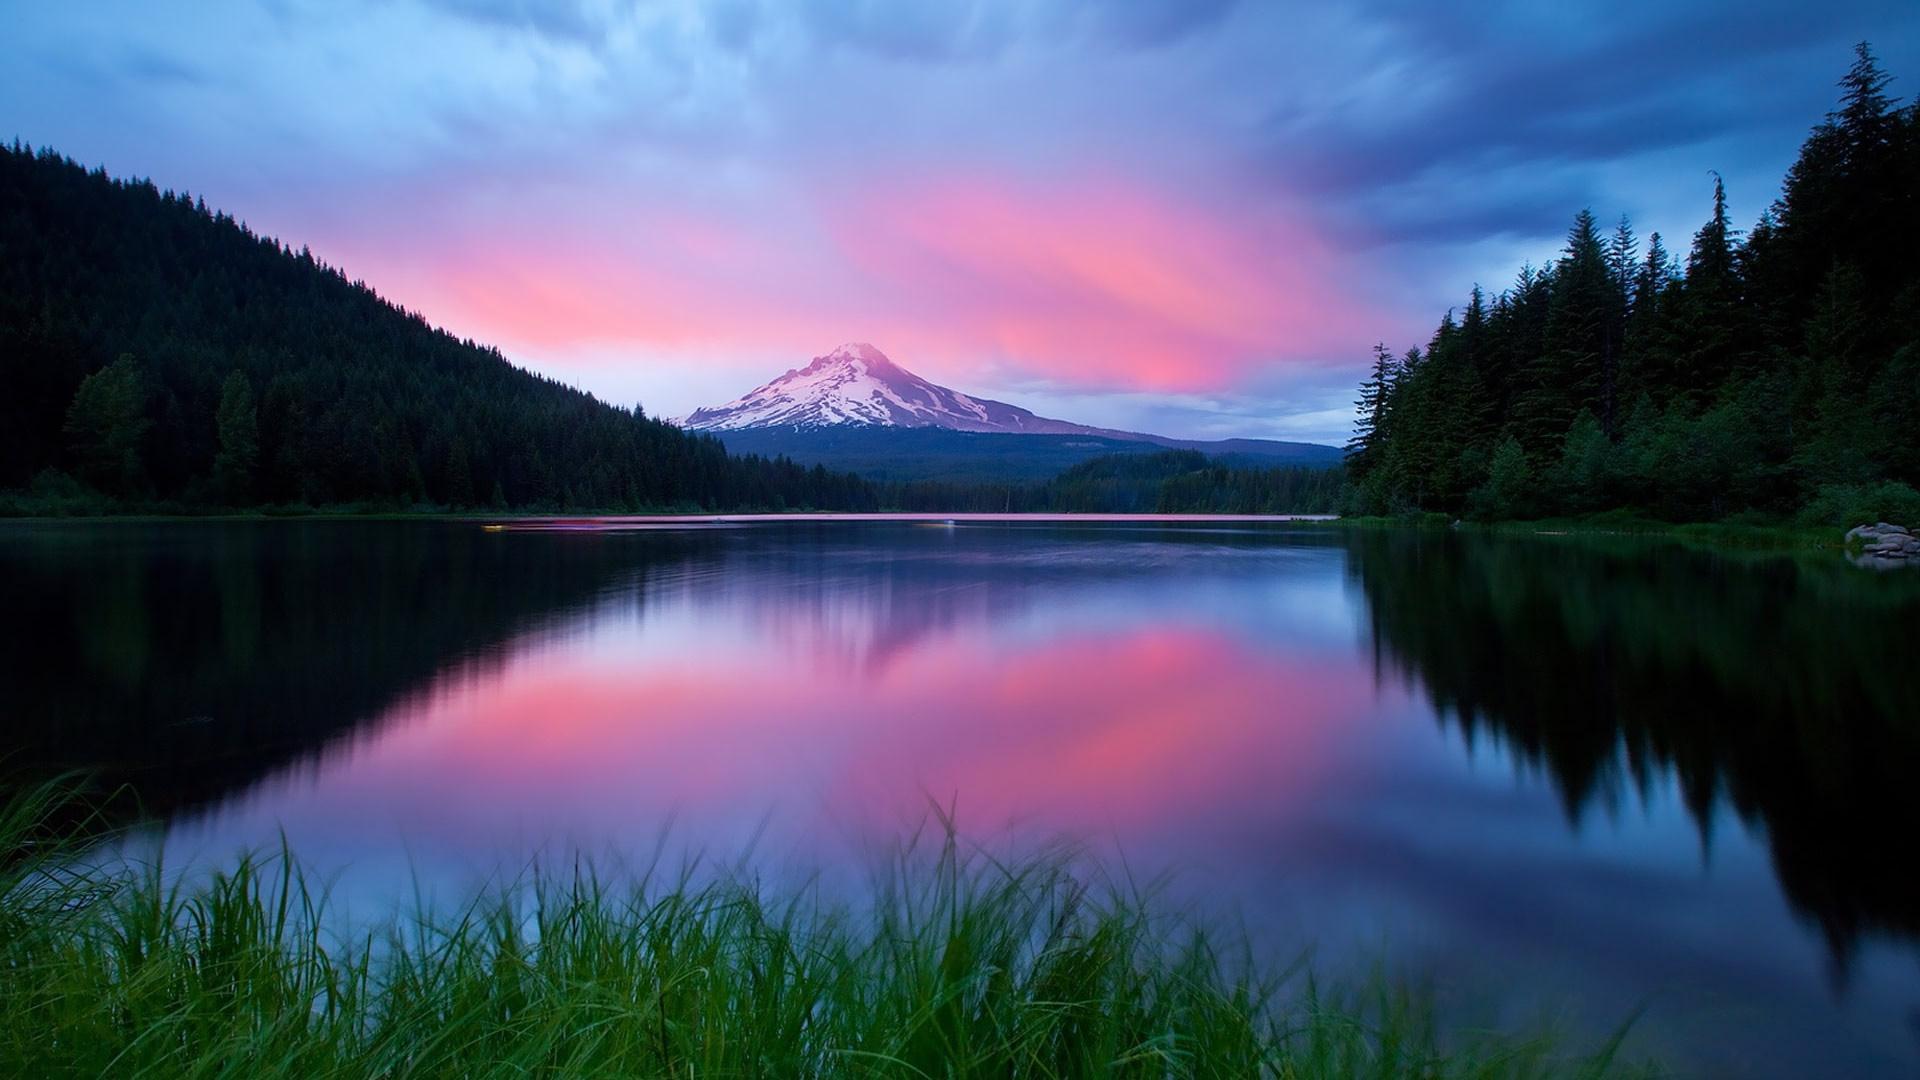 Mountain HD Nature Wallpaper #2864 - Ongur